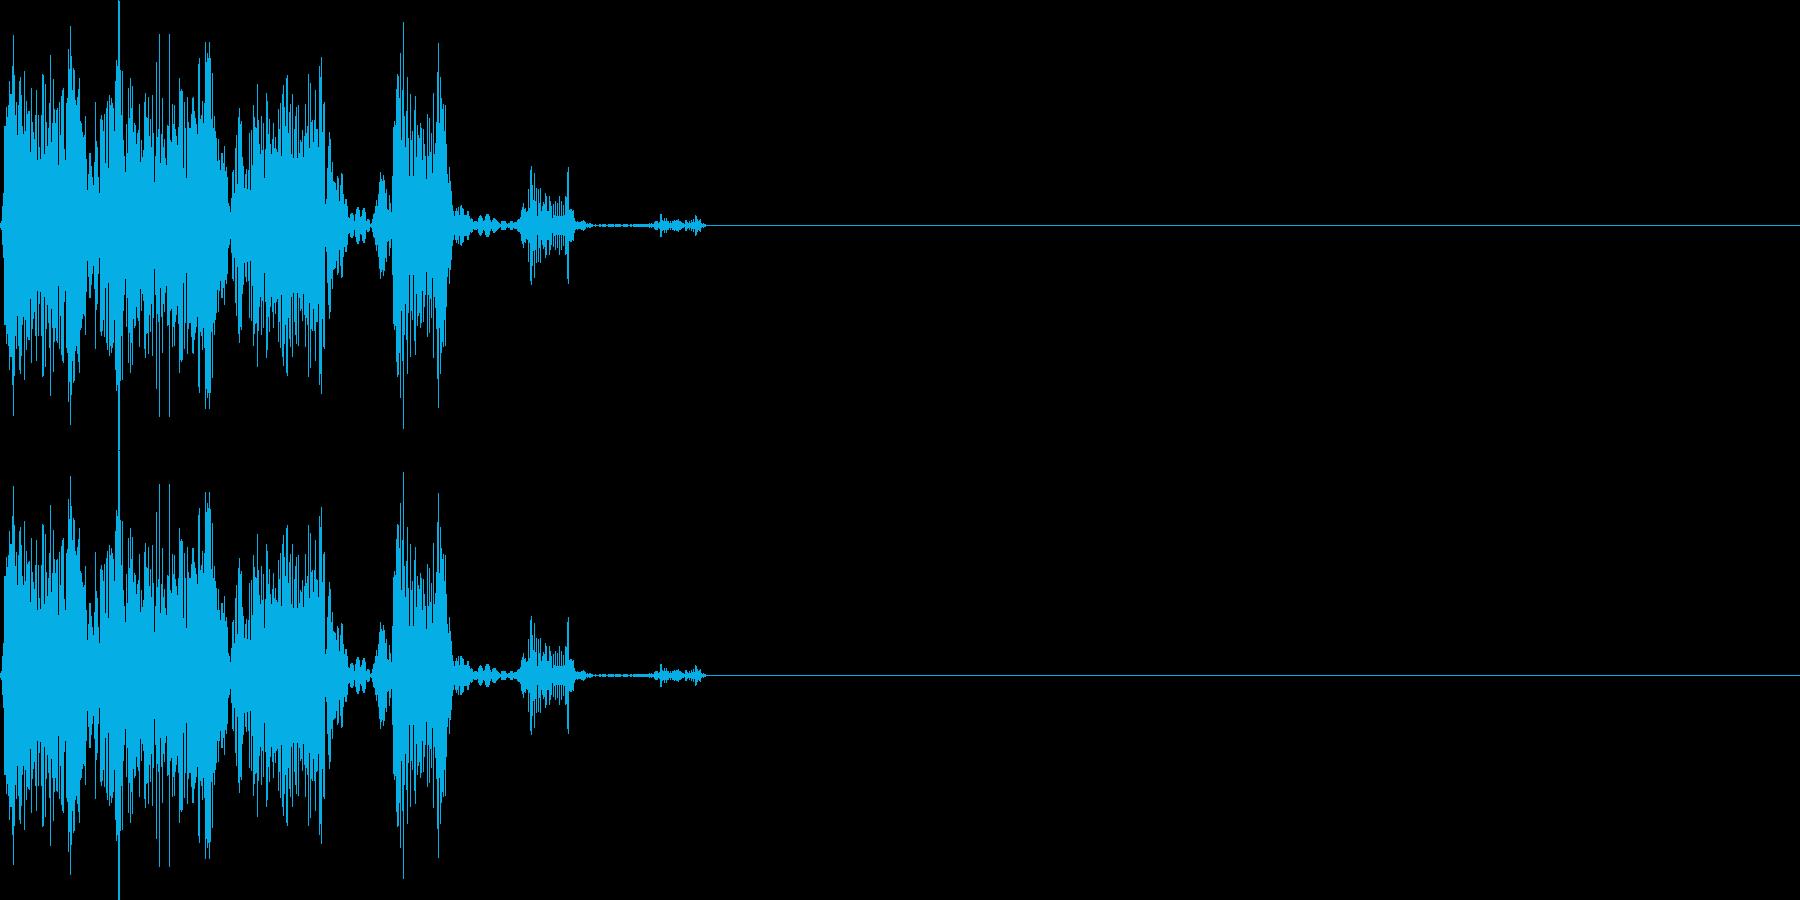 シュピッ(ダメージ_攻撃_逃げる)の再生済みの波形